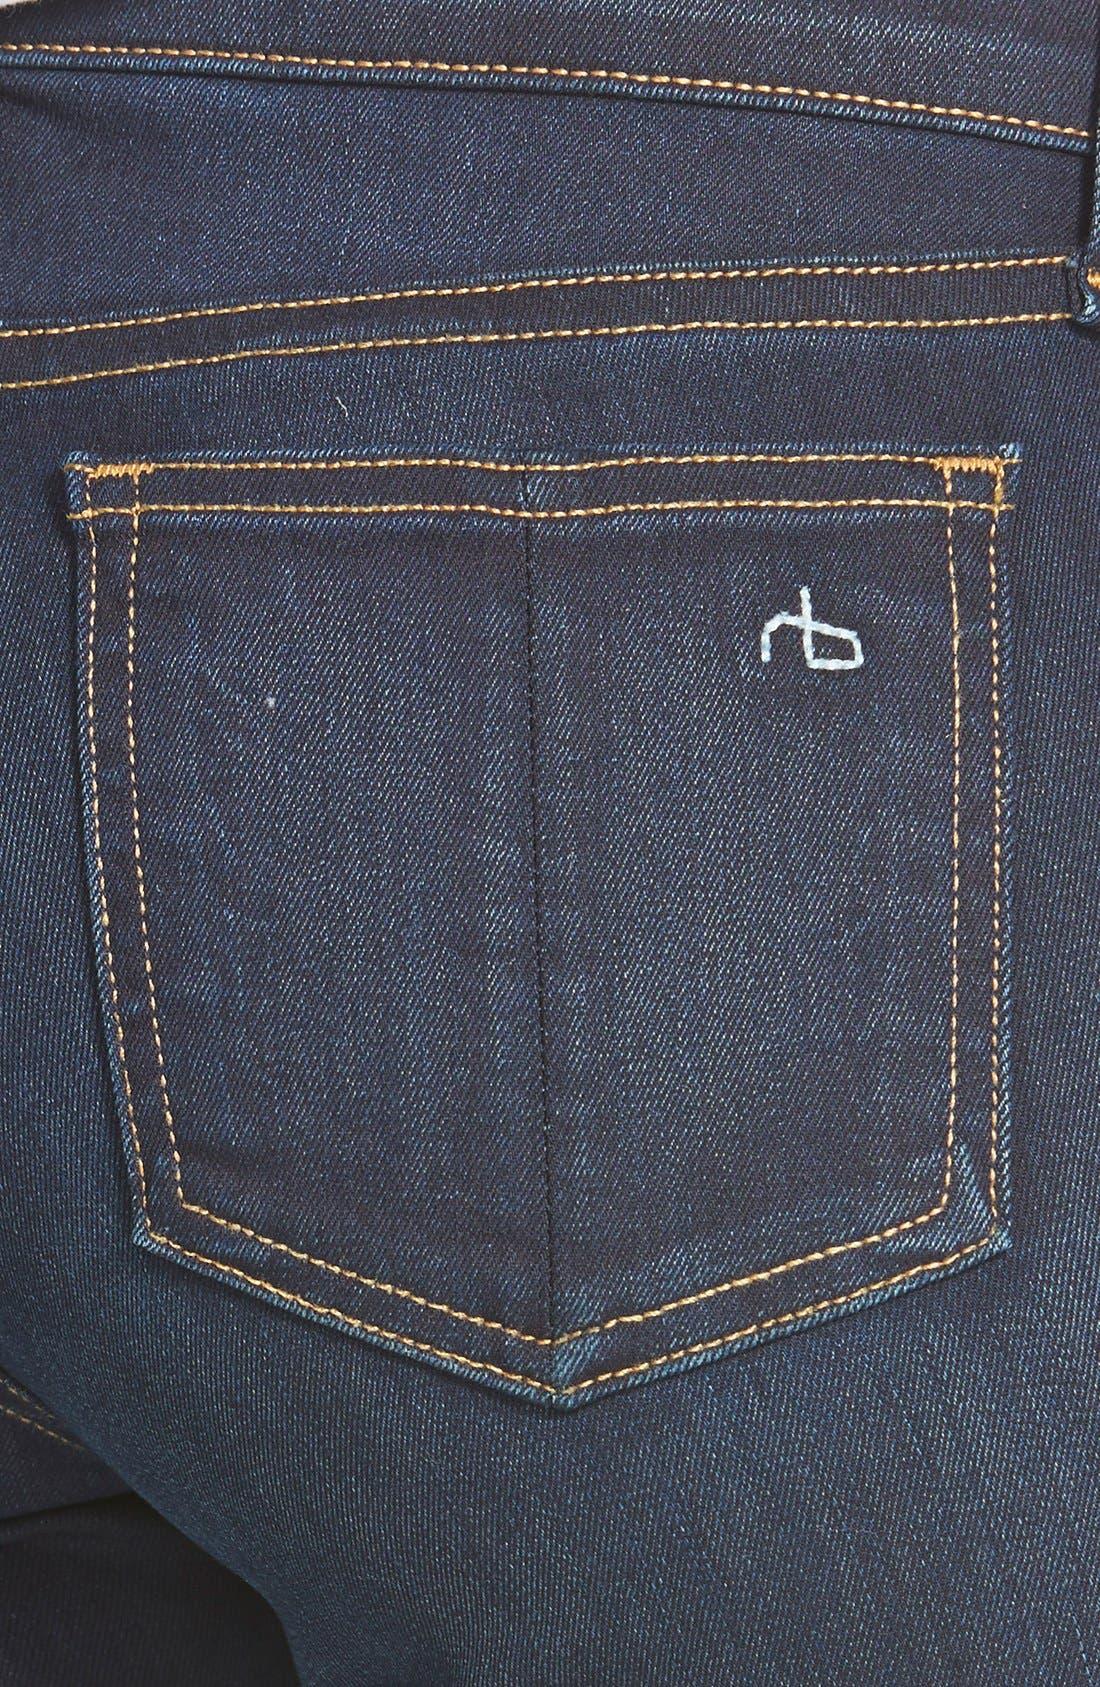 Alternate Image 3  - rag & bone/JEAN Skinny Stretch Jeans (Bedford)